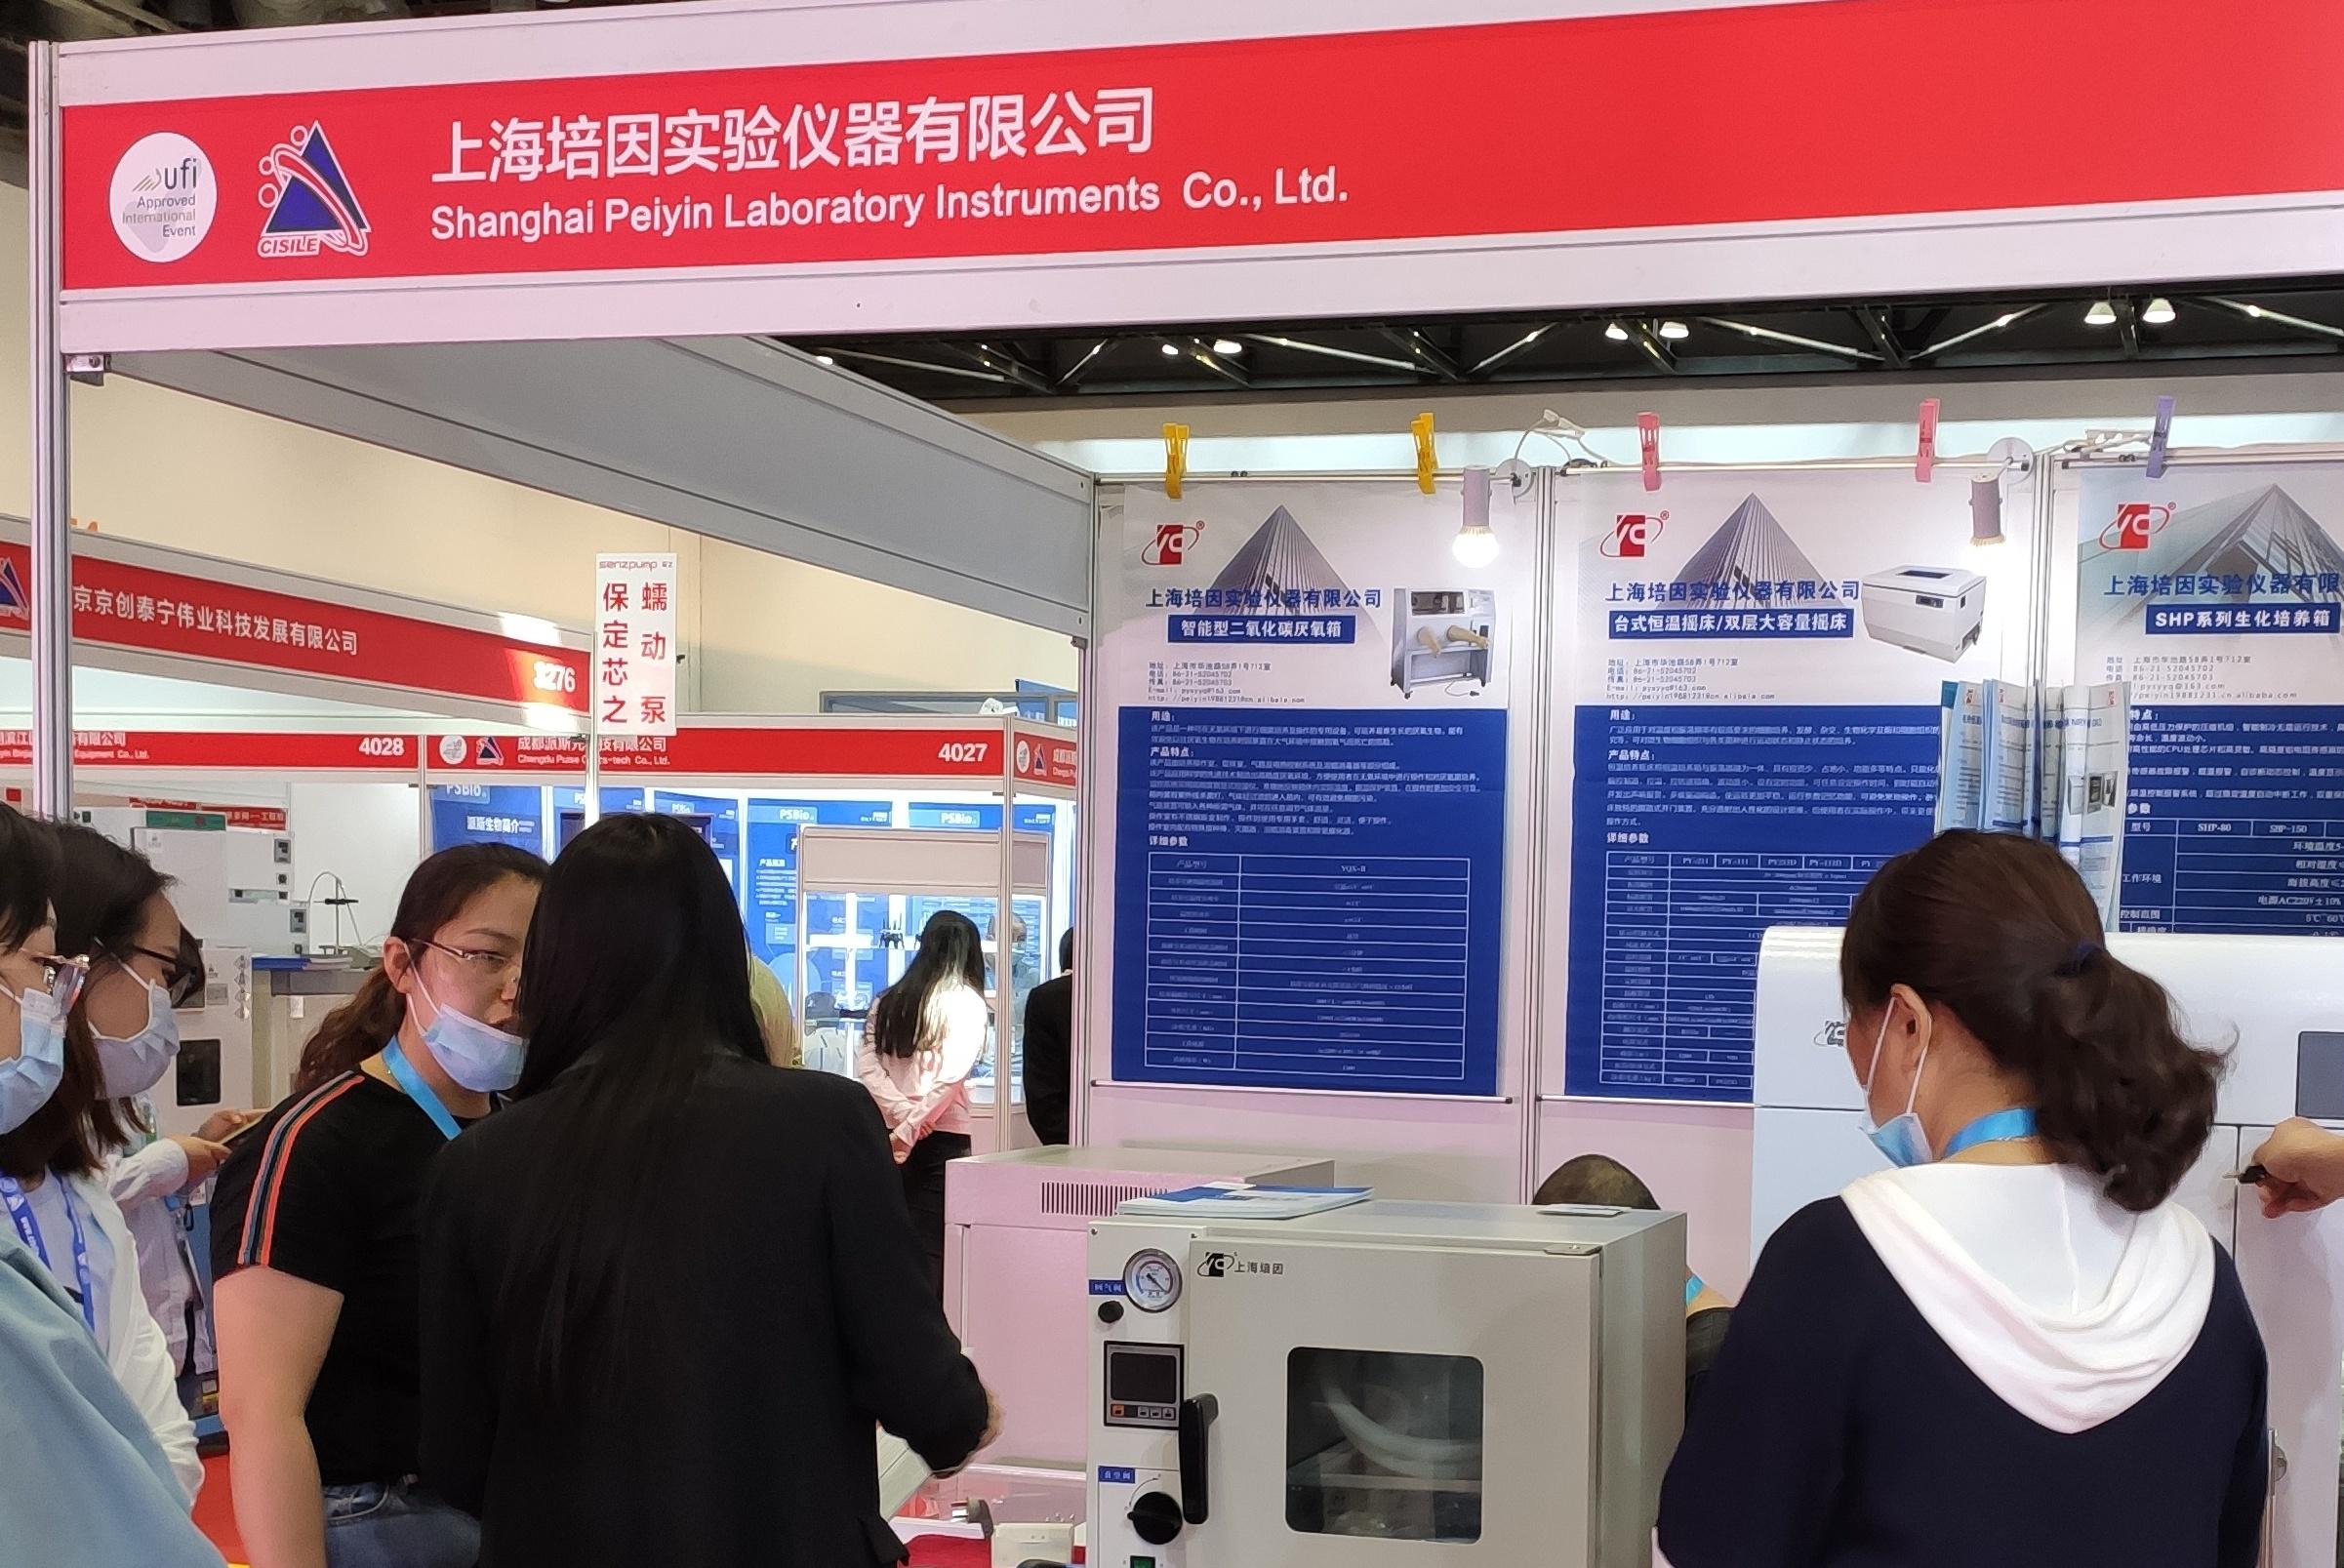 立足专业以求发展  上海培因出席CISILE2021好评不断